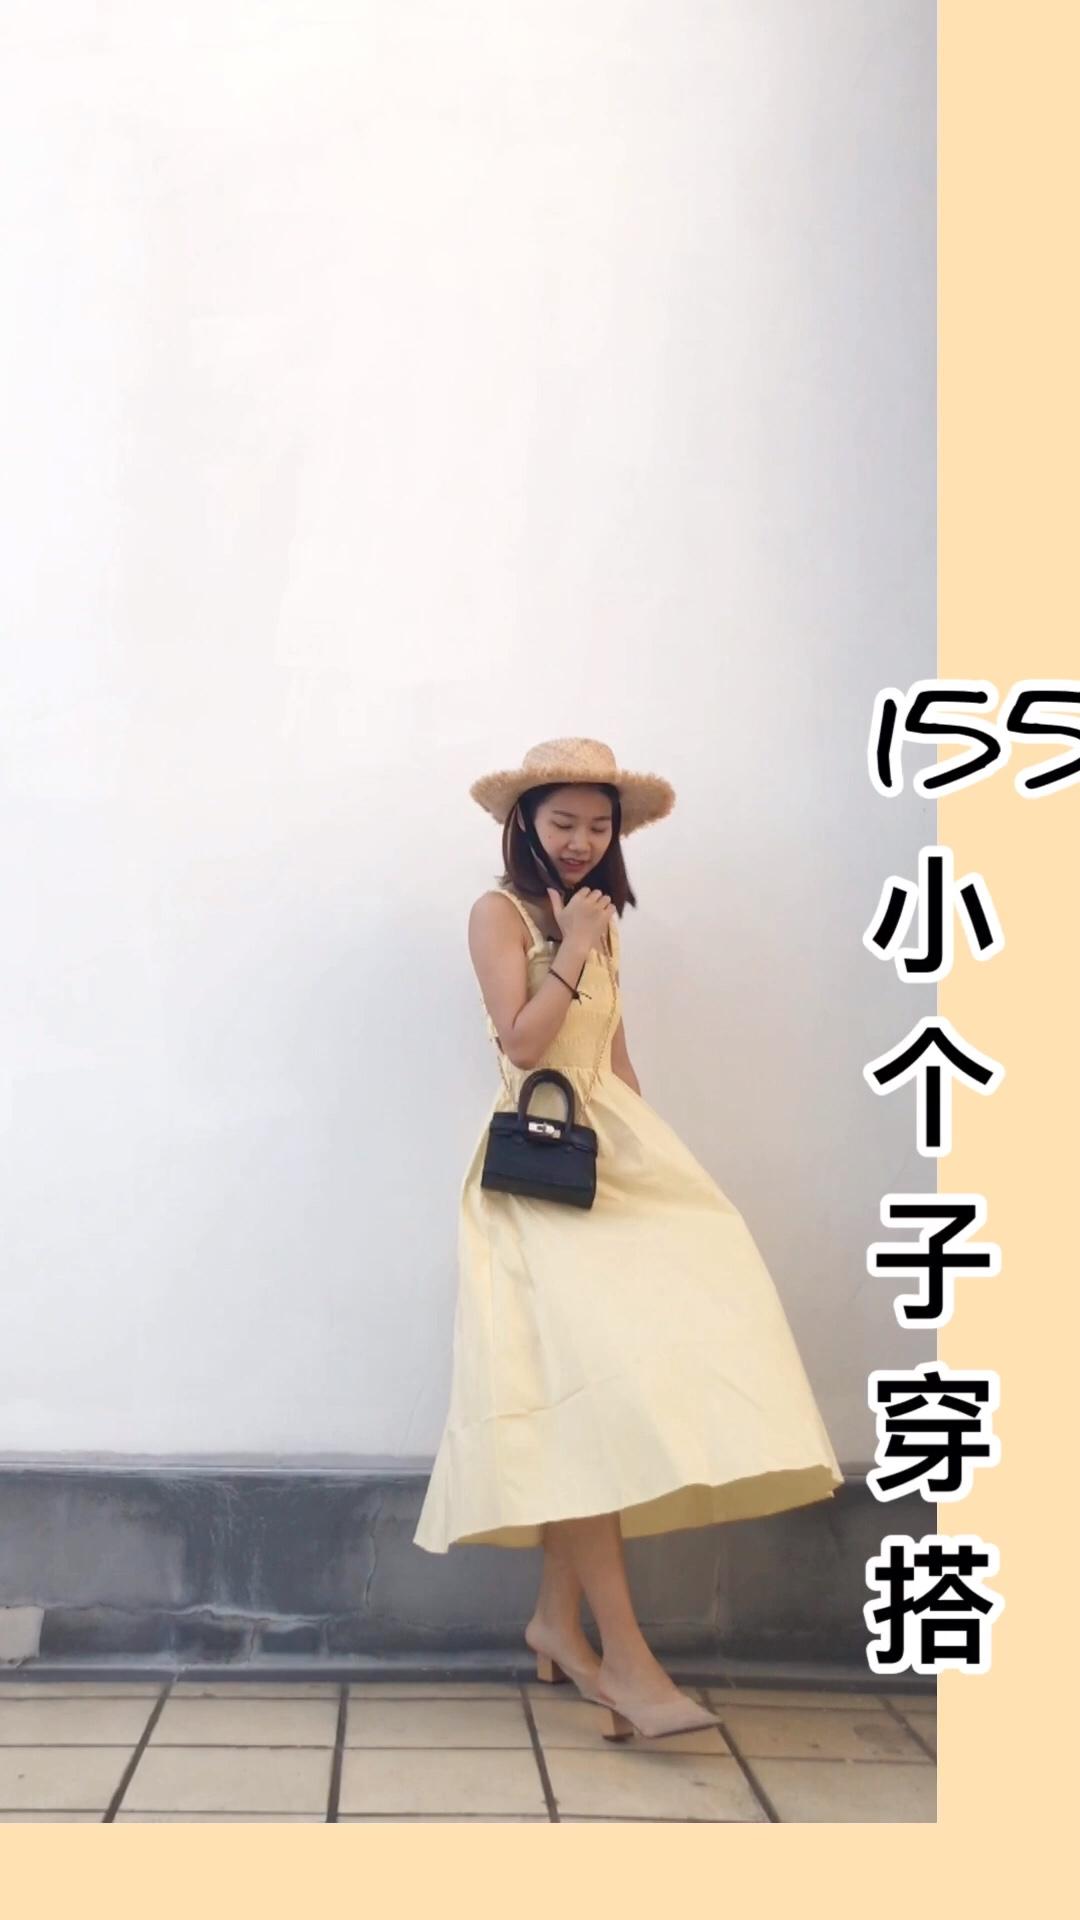 #备战618,网红美妆好物种草#  颜值担当的奶油黄连衣裙 给人一种随便穿穿随便搭搭都是亮点的感觉 后背是镂空松紧带的设计,少女又带点小性感的感觉,背影女神就是你 日常约会跟度假穿都非常适合,做一个美美的优雅气质女神哦👏